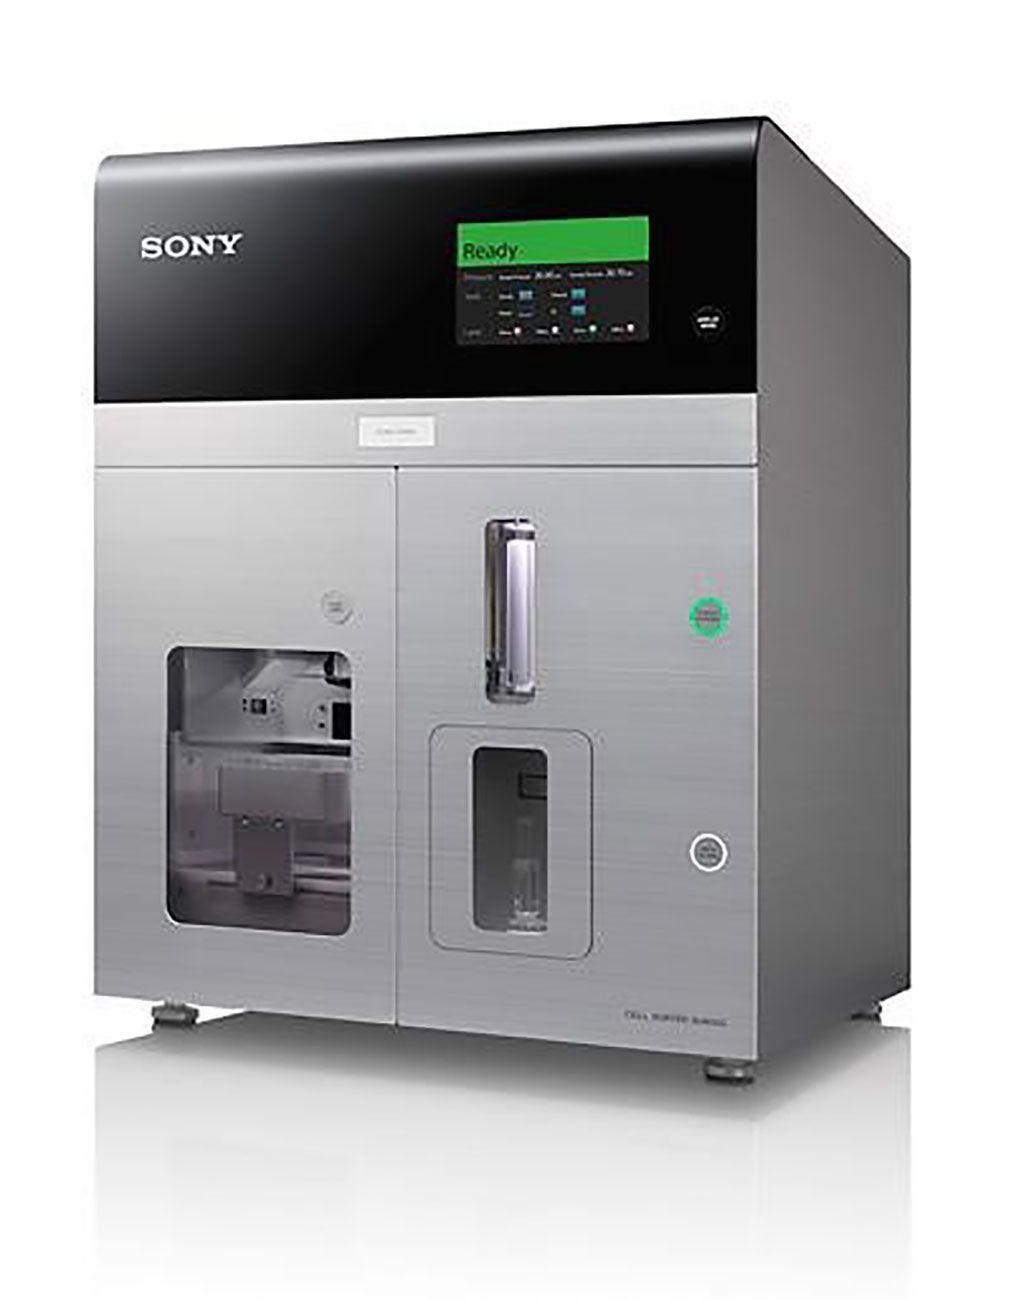 Imagen: El clasificador de células SH800S de sobremesa permite la clasificación de una amplia gama de tamaños celulares para muchas aplicaciones que utilizan chips de clasificación microfluídica de 70 μm, 100 μm y 130 μm (Fotografía cortesía de Sony Biotechnology).